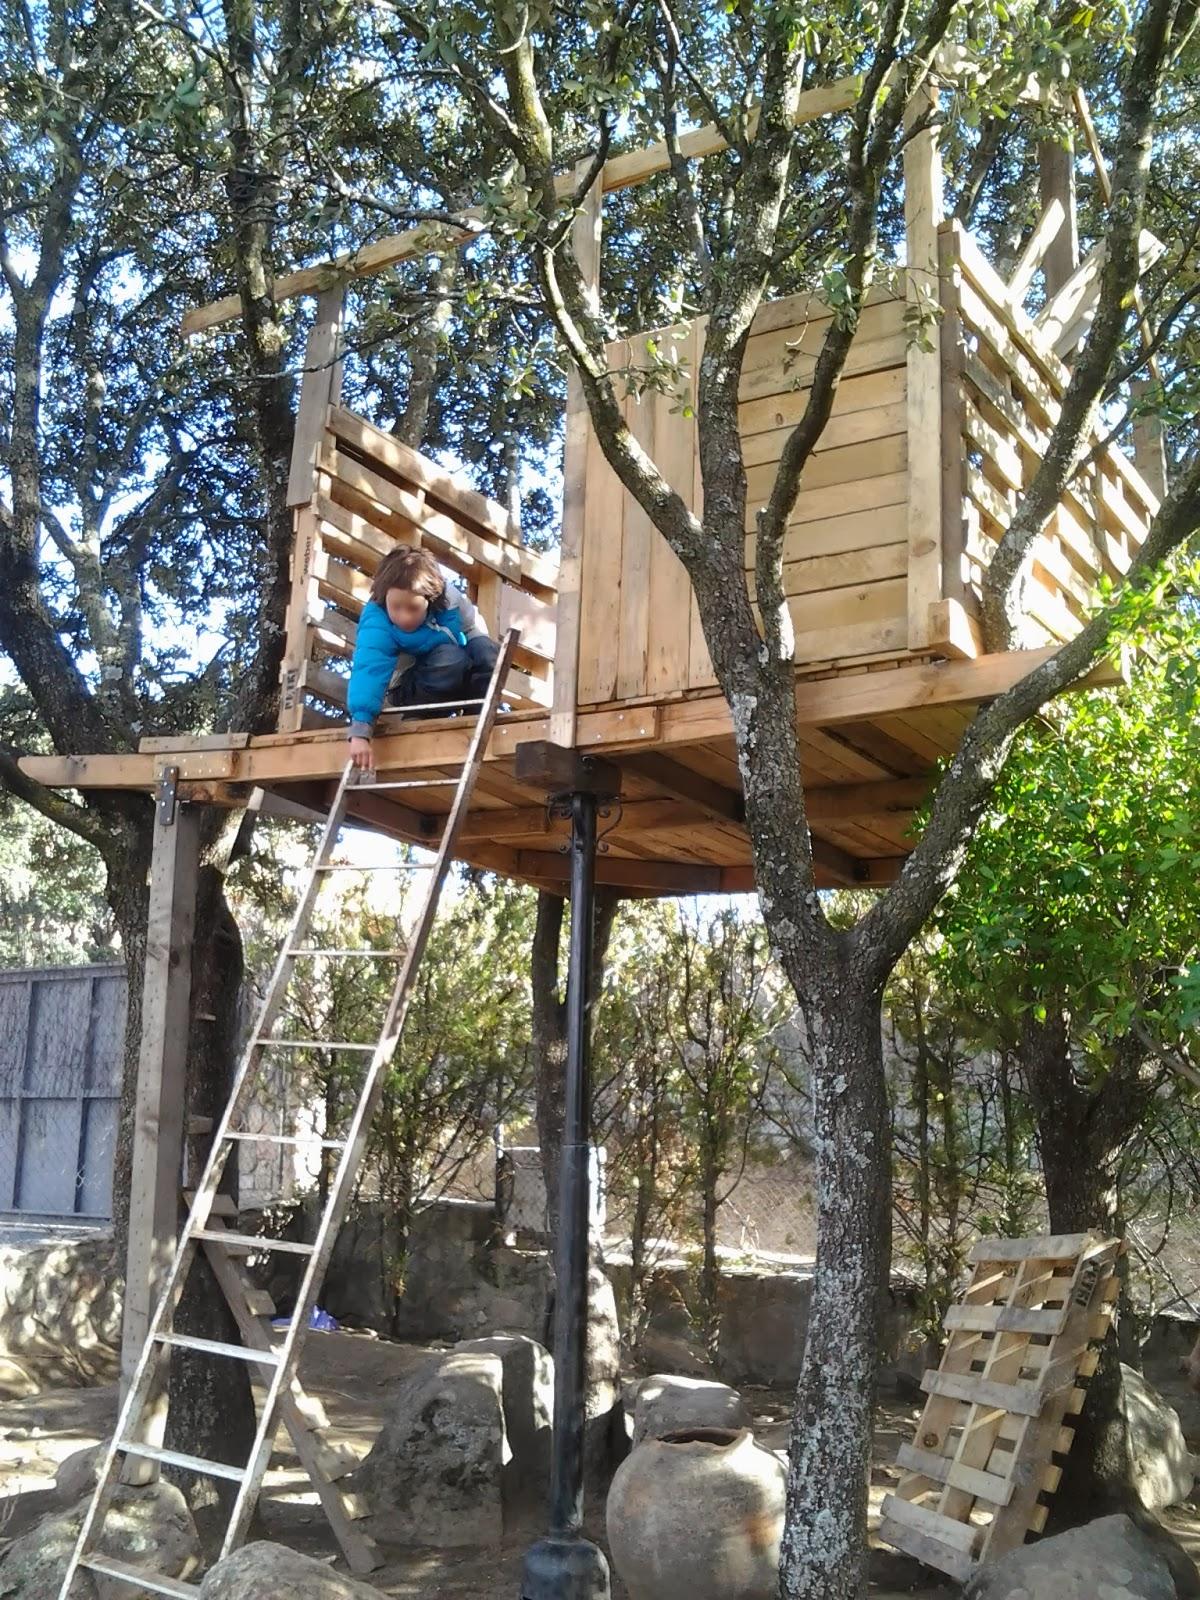 Supermanitas como construir caba a sobre varios rboles - Casas en el arbol ...